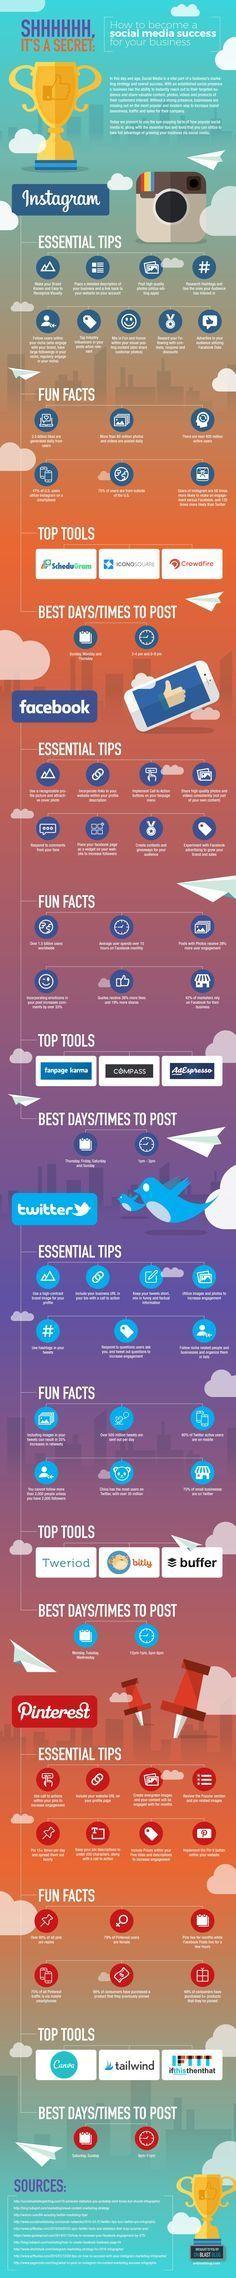 Social Media Marketing Success.